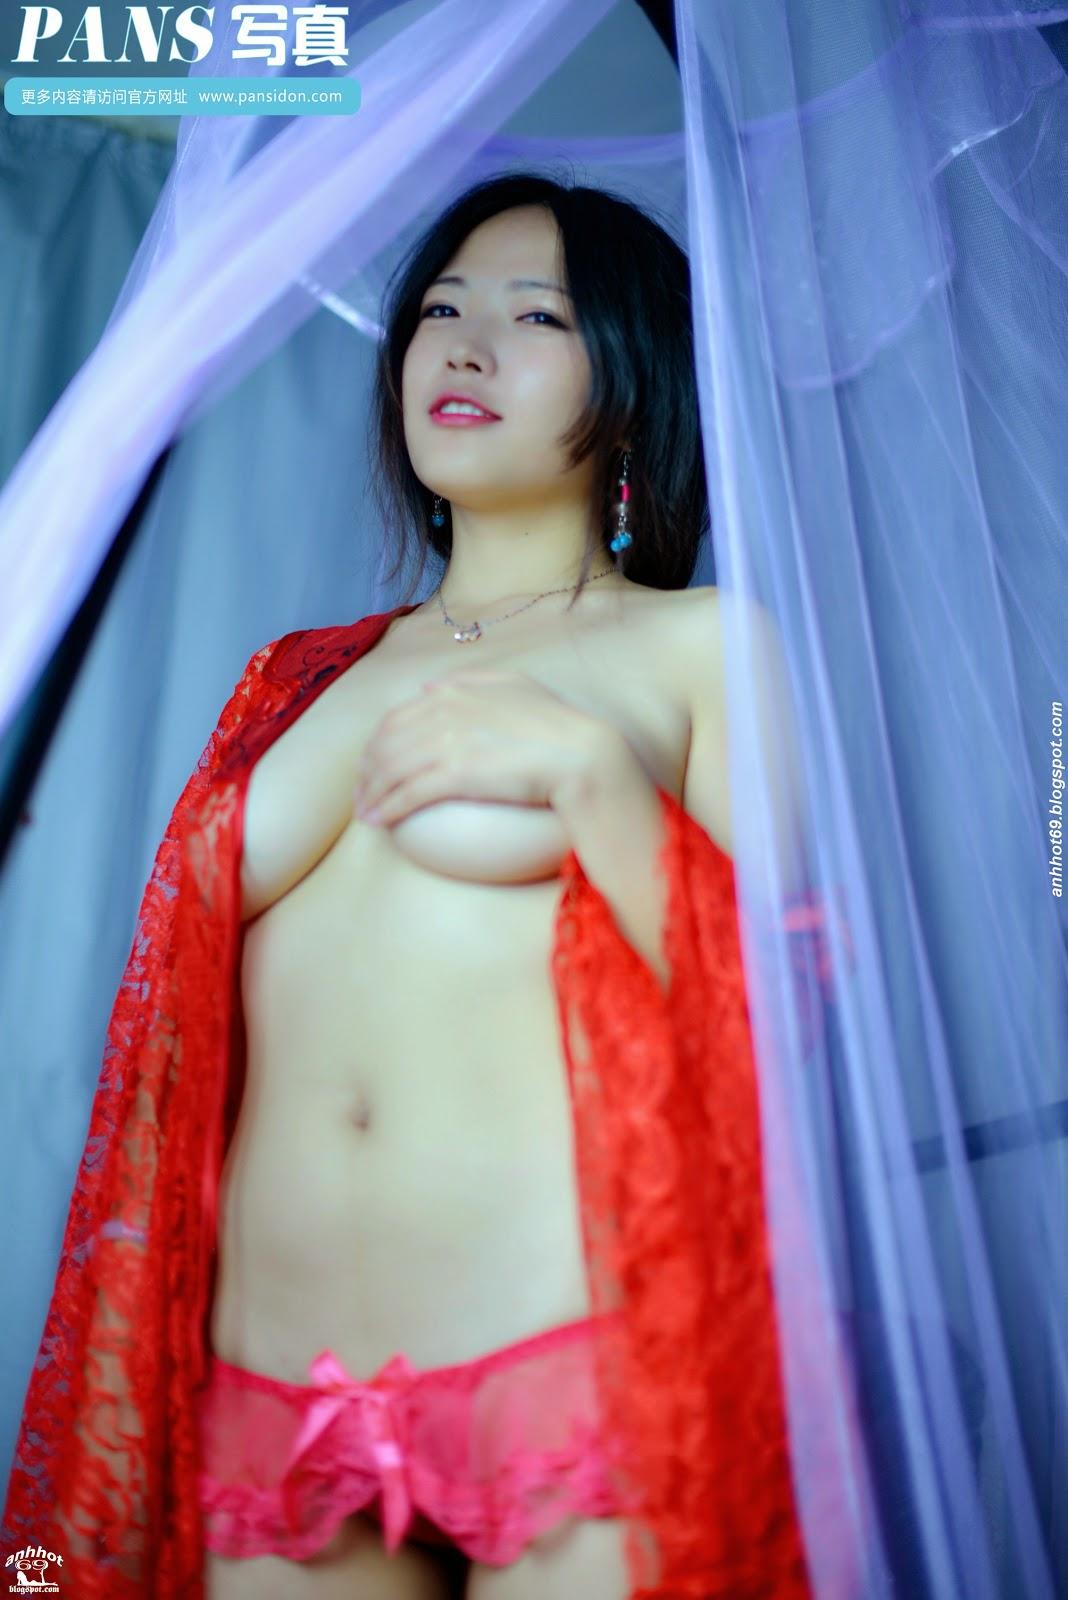 yuhan-pansidon-02851593